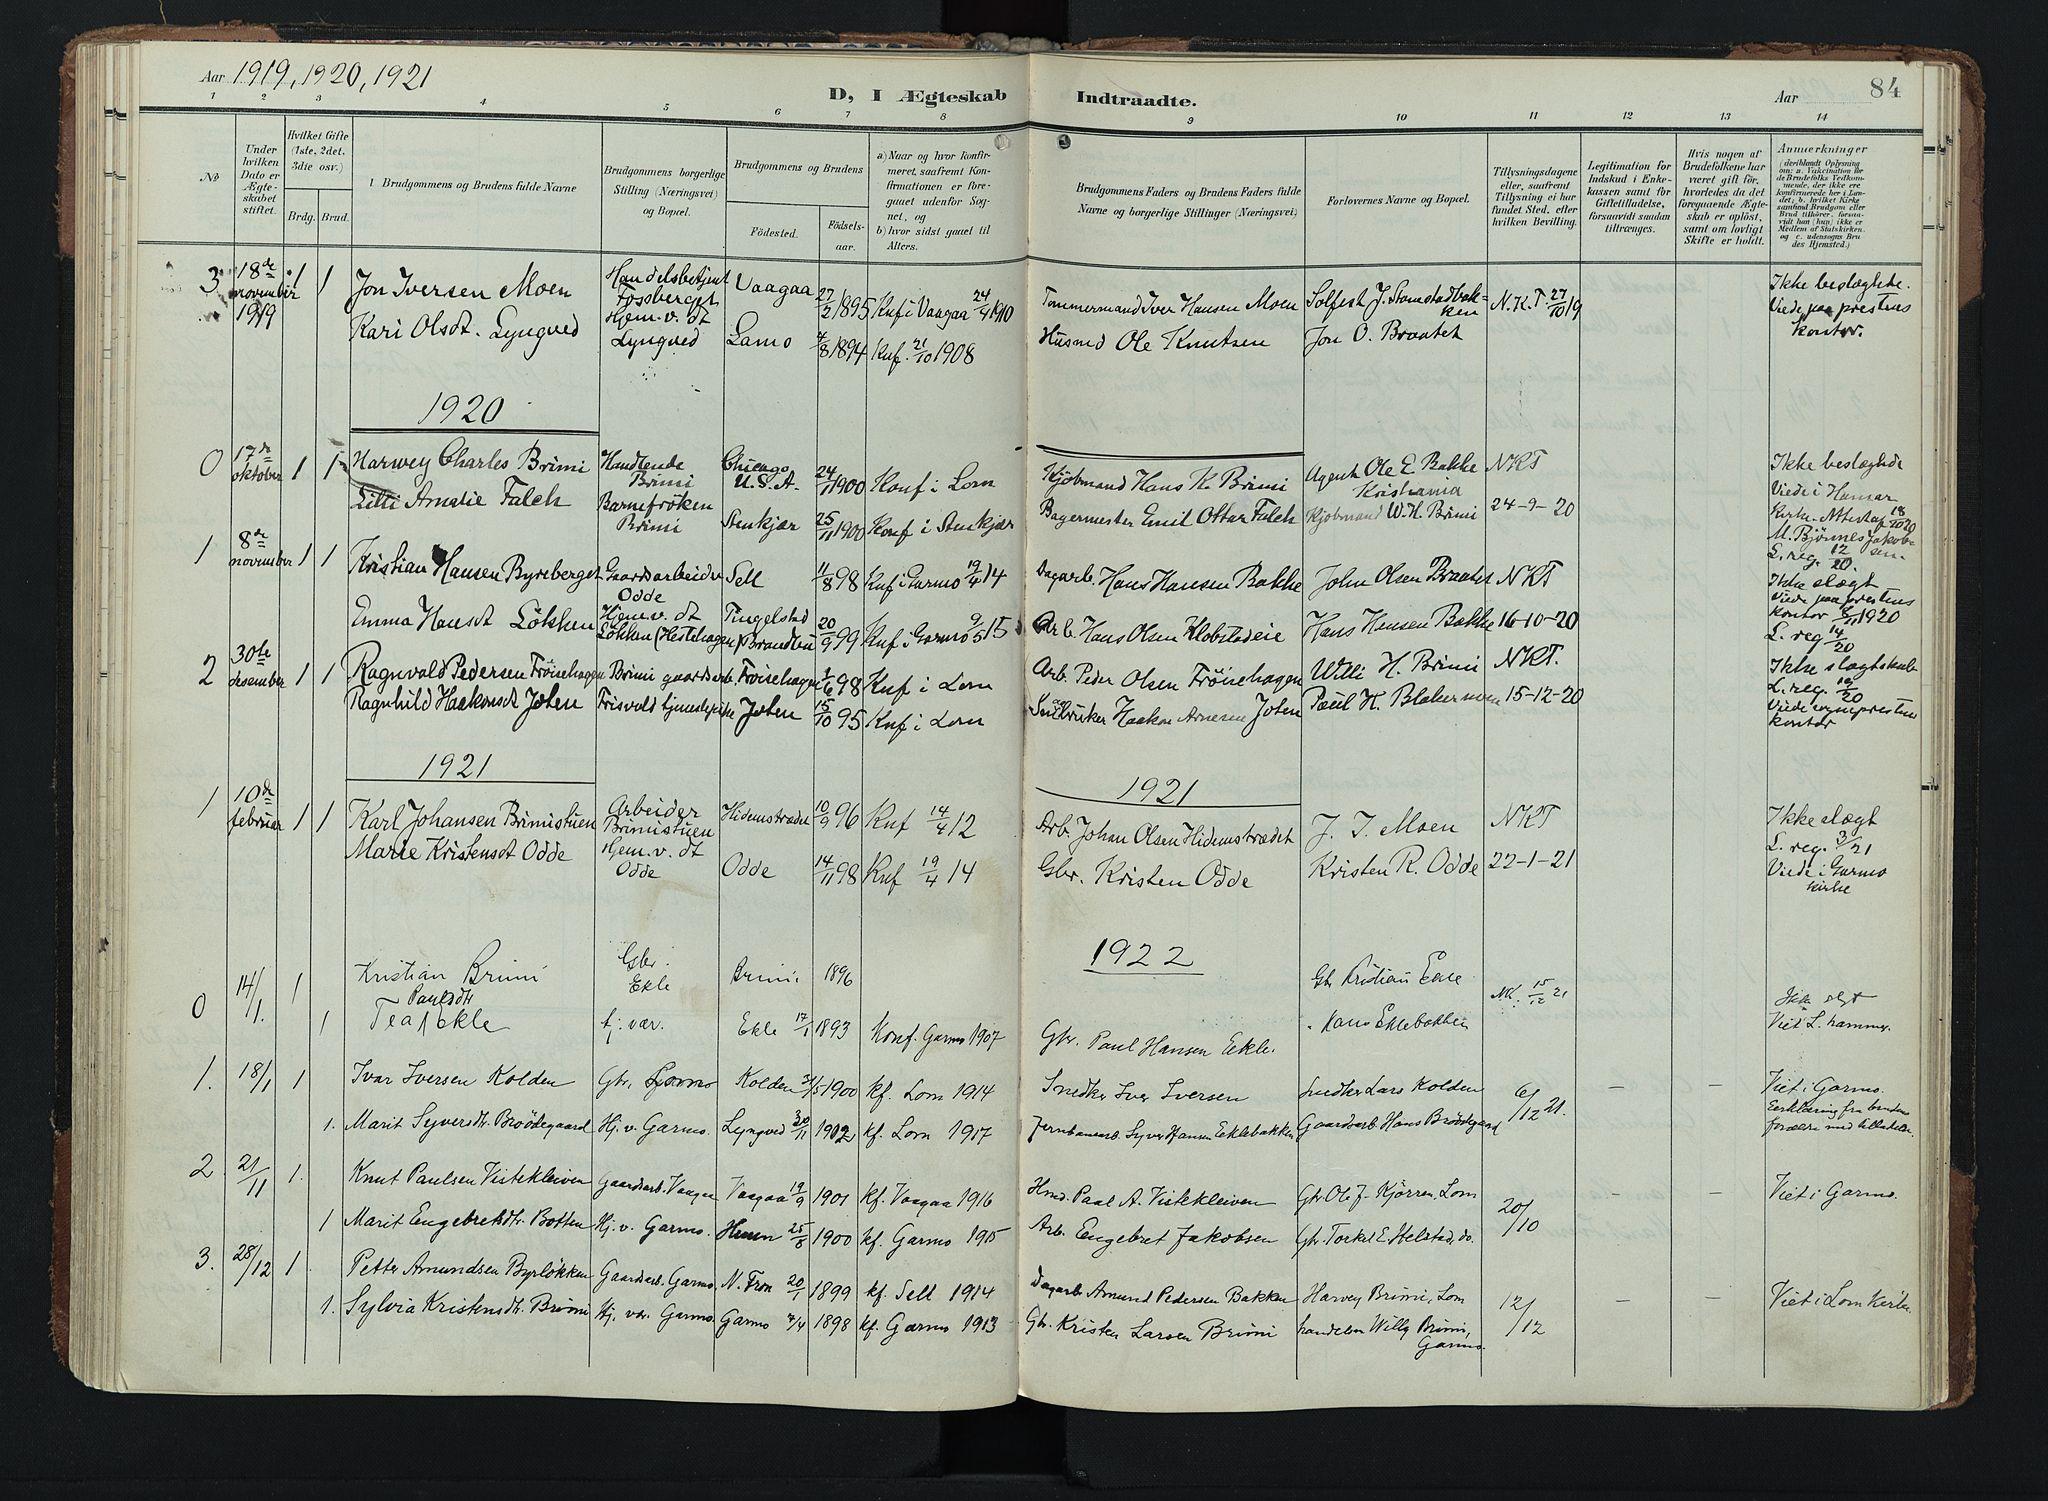 SAH, Lom prestekontor, K/L0011: Ministerialbok nr. 11, 1904-1928, s. 84